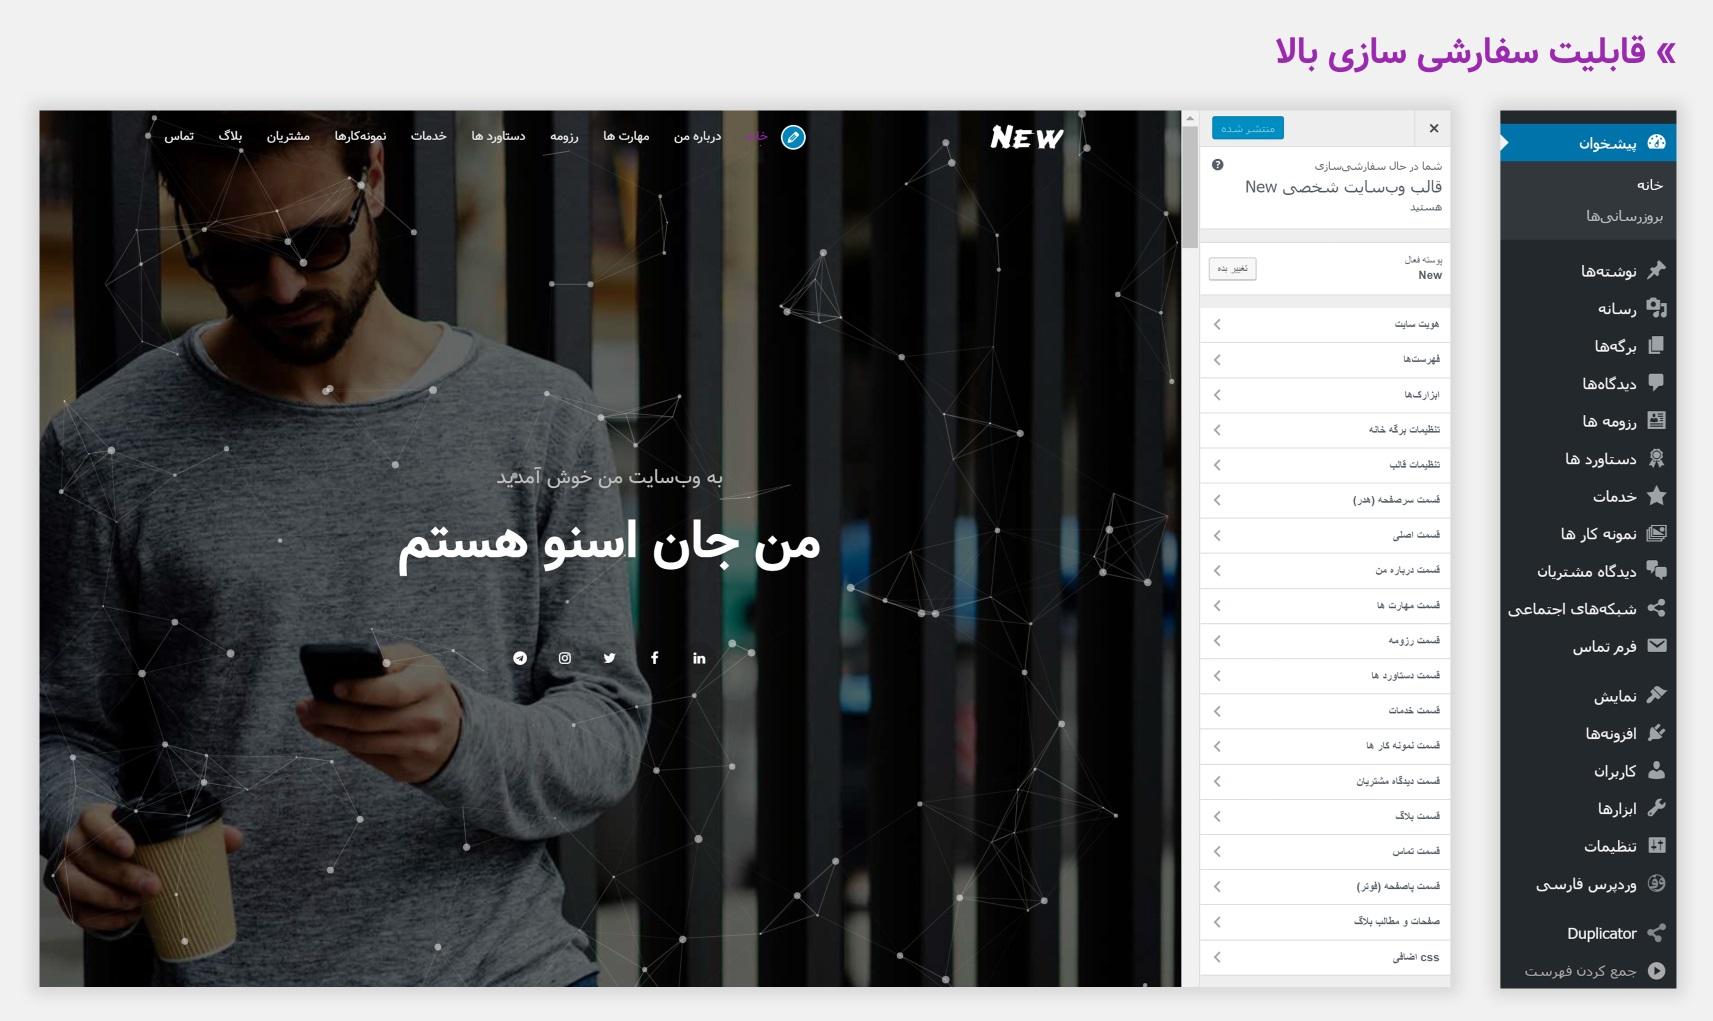 قالب وردپرس New مناسب سایت شخصی و رزومه | قالب شخصی نیو